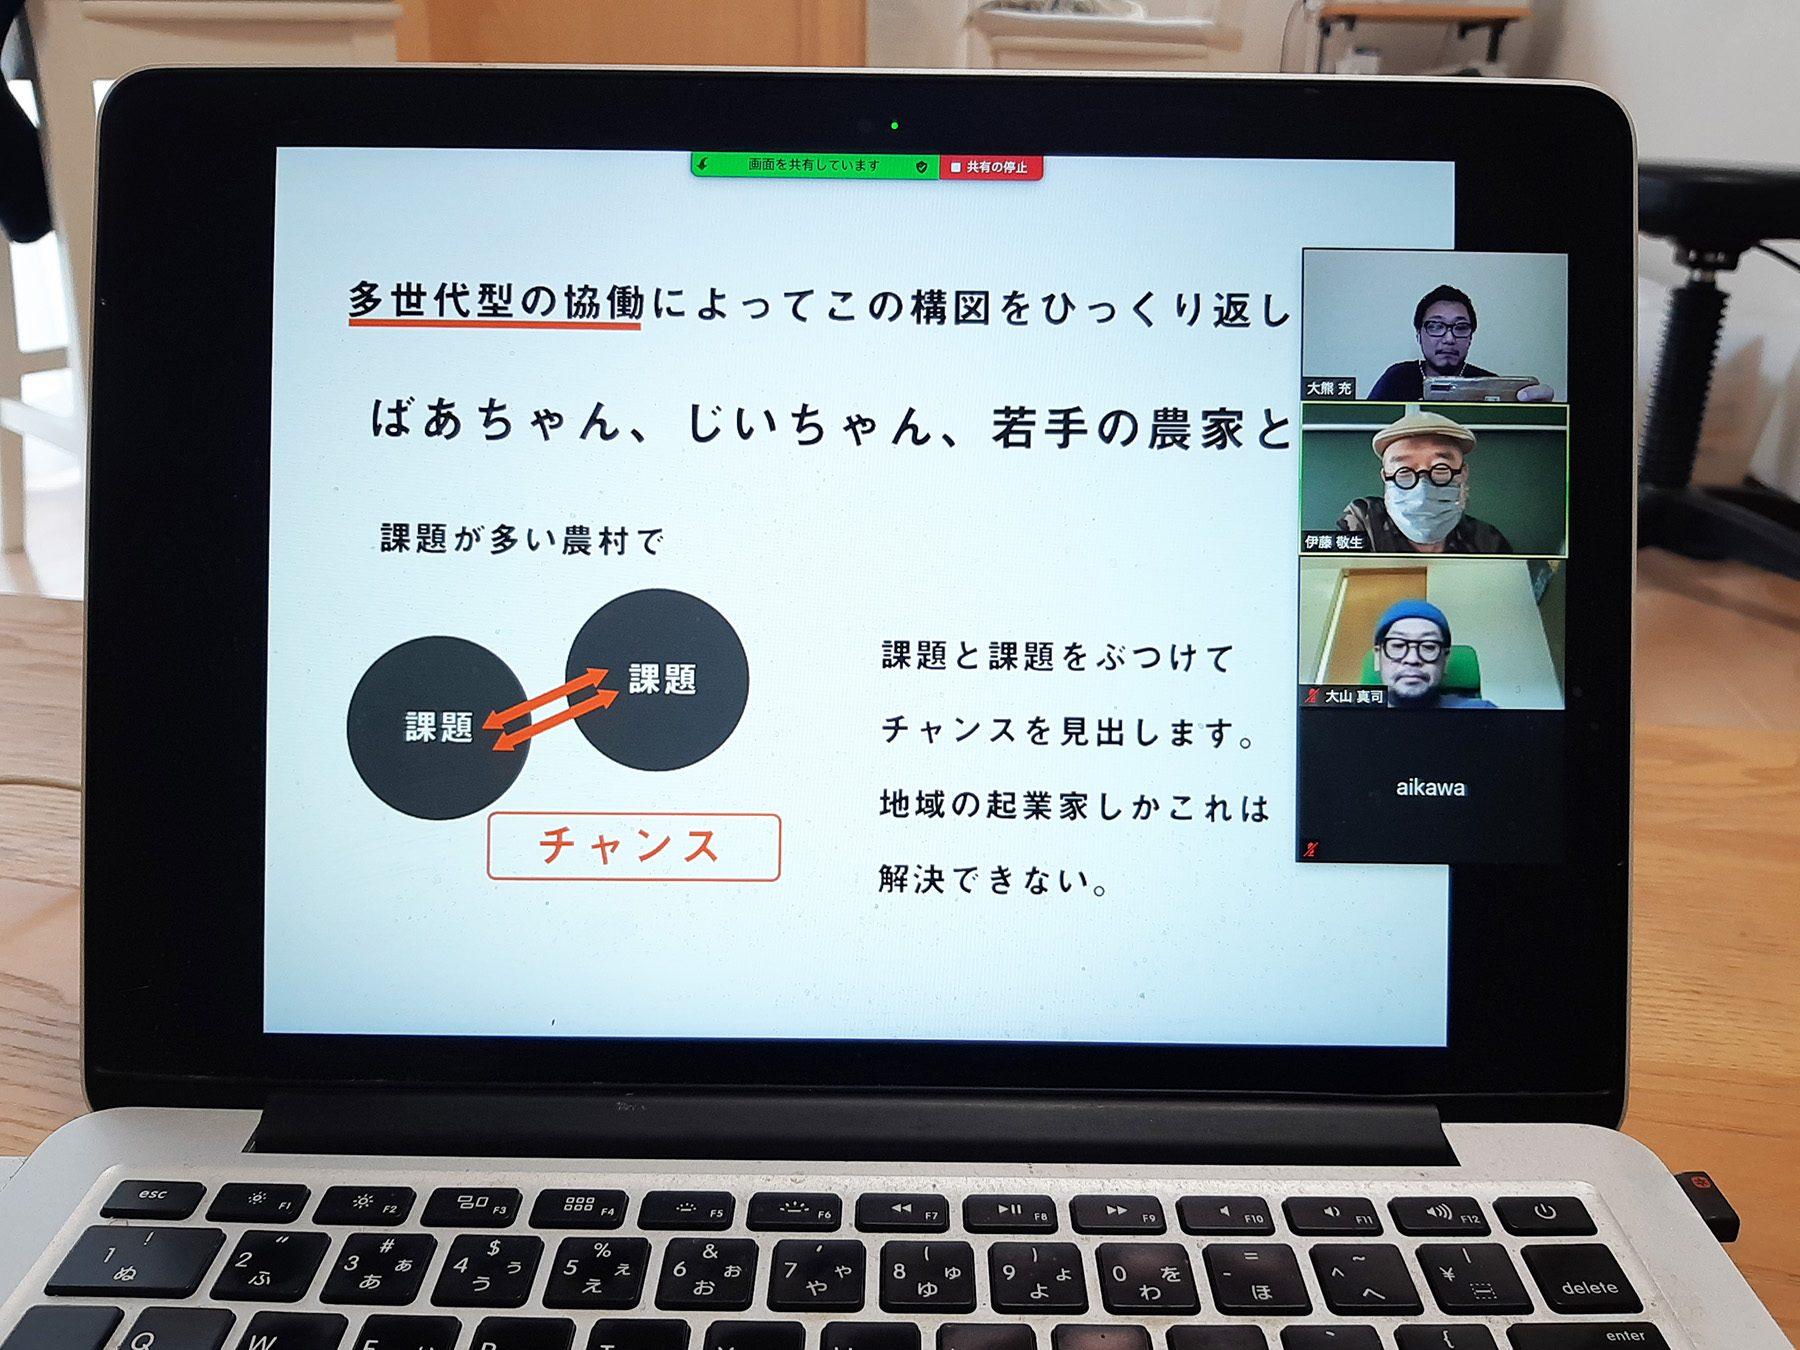 大学のオンライン講義